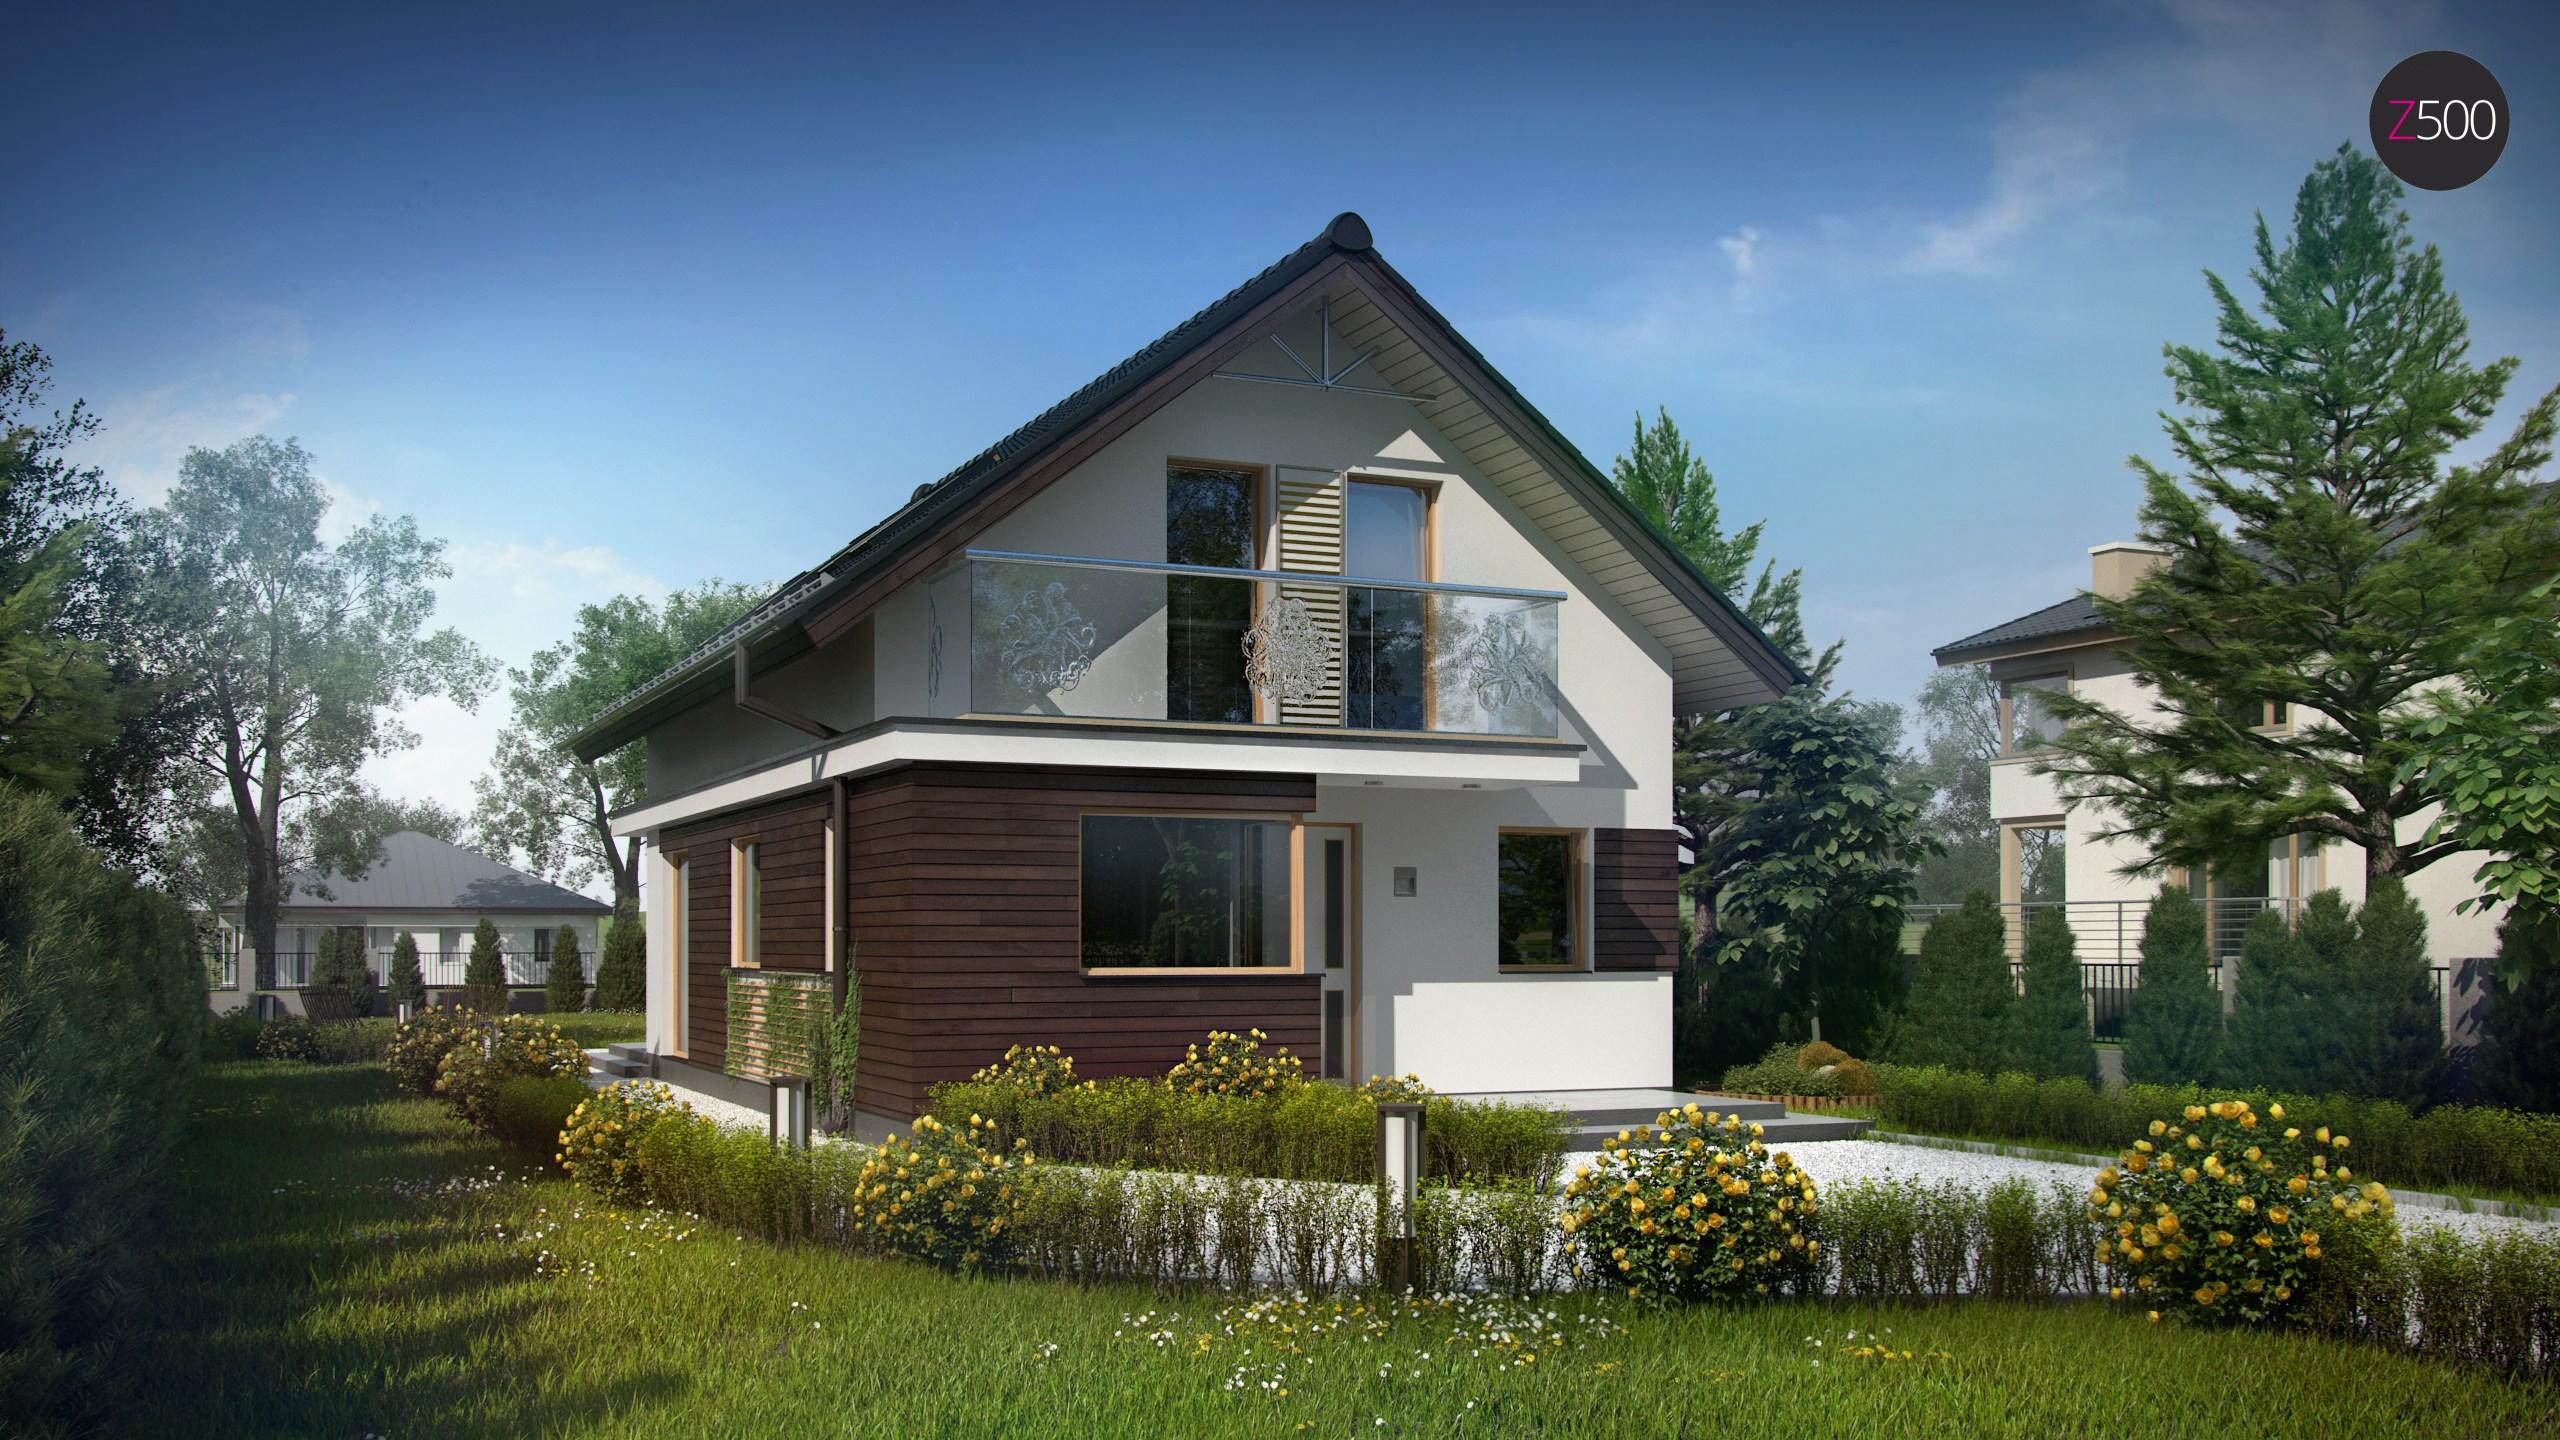 Z296 функциональный аккуратный дом с мансардой, также для уз.